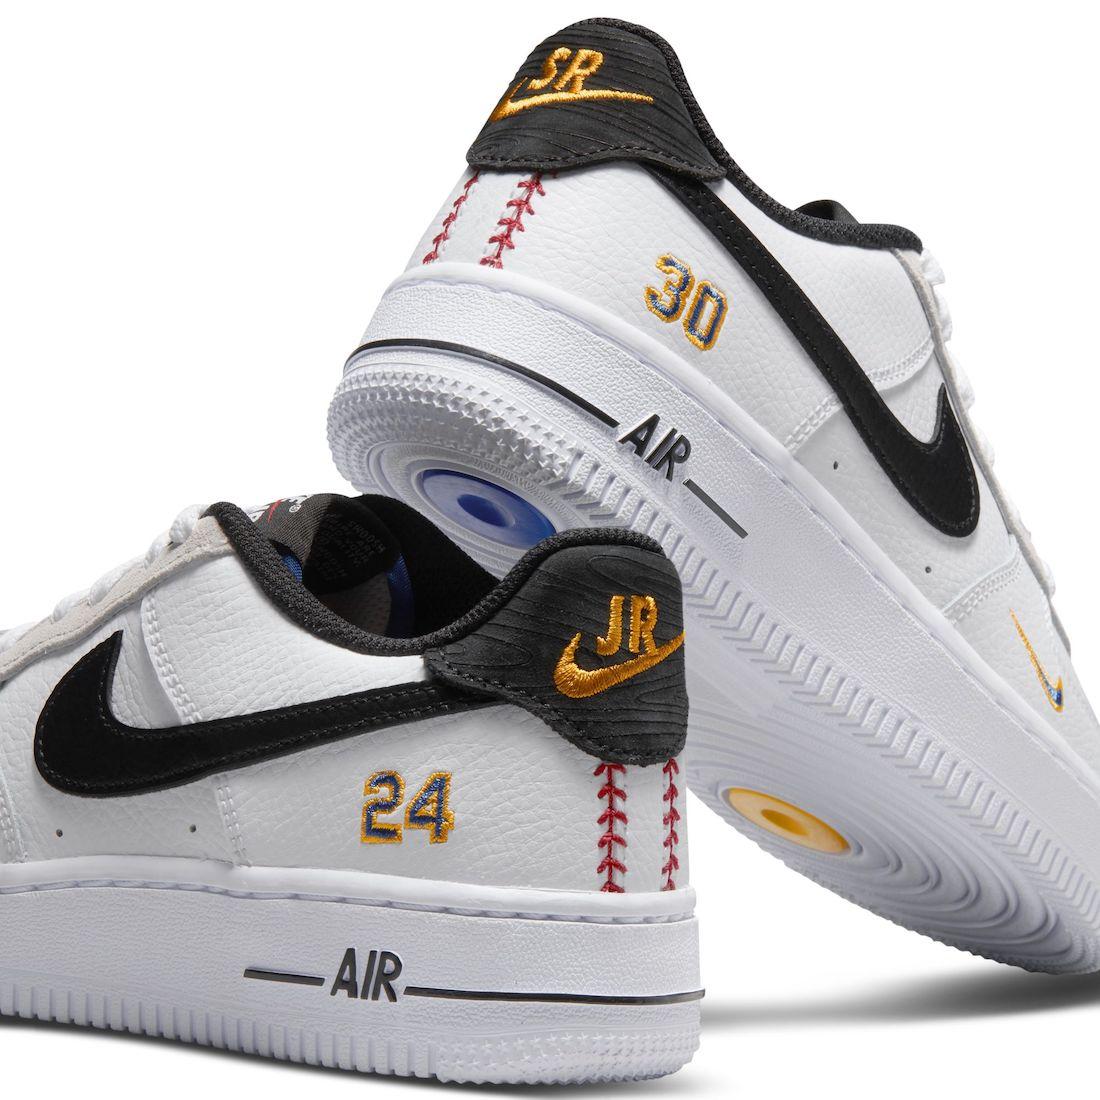 Nike Air Force 1 Low Ken Griffey Jr. Sr. Release Date Info